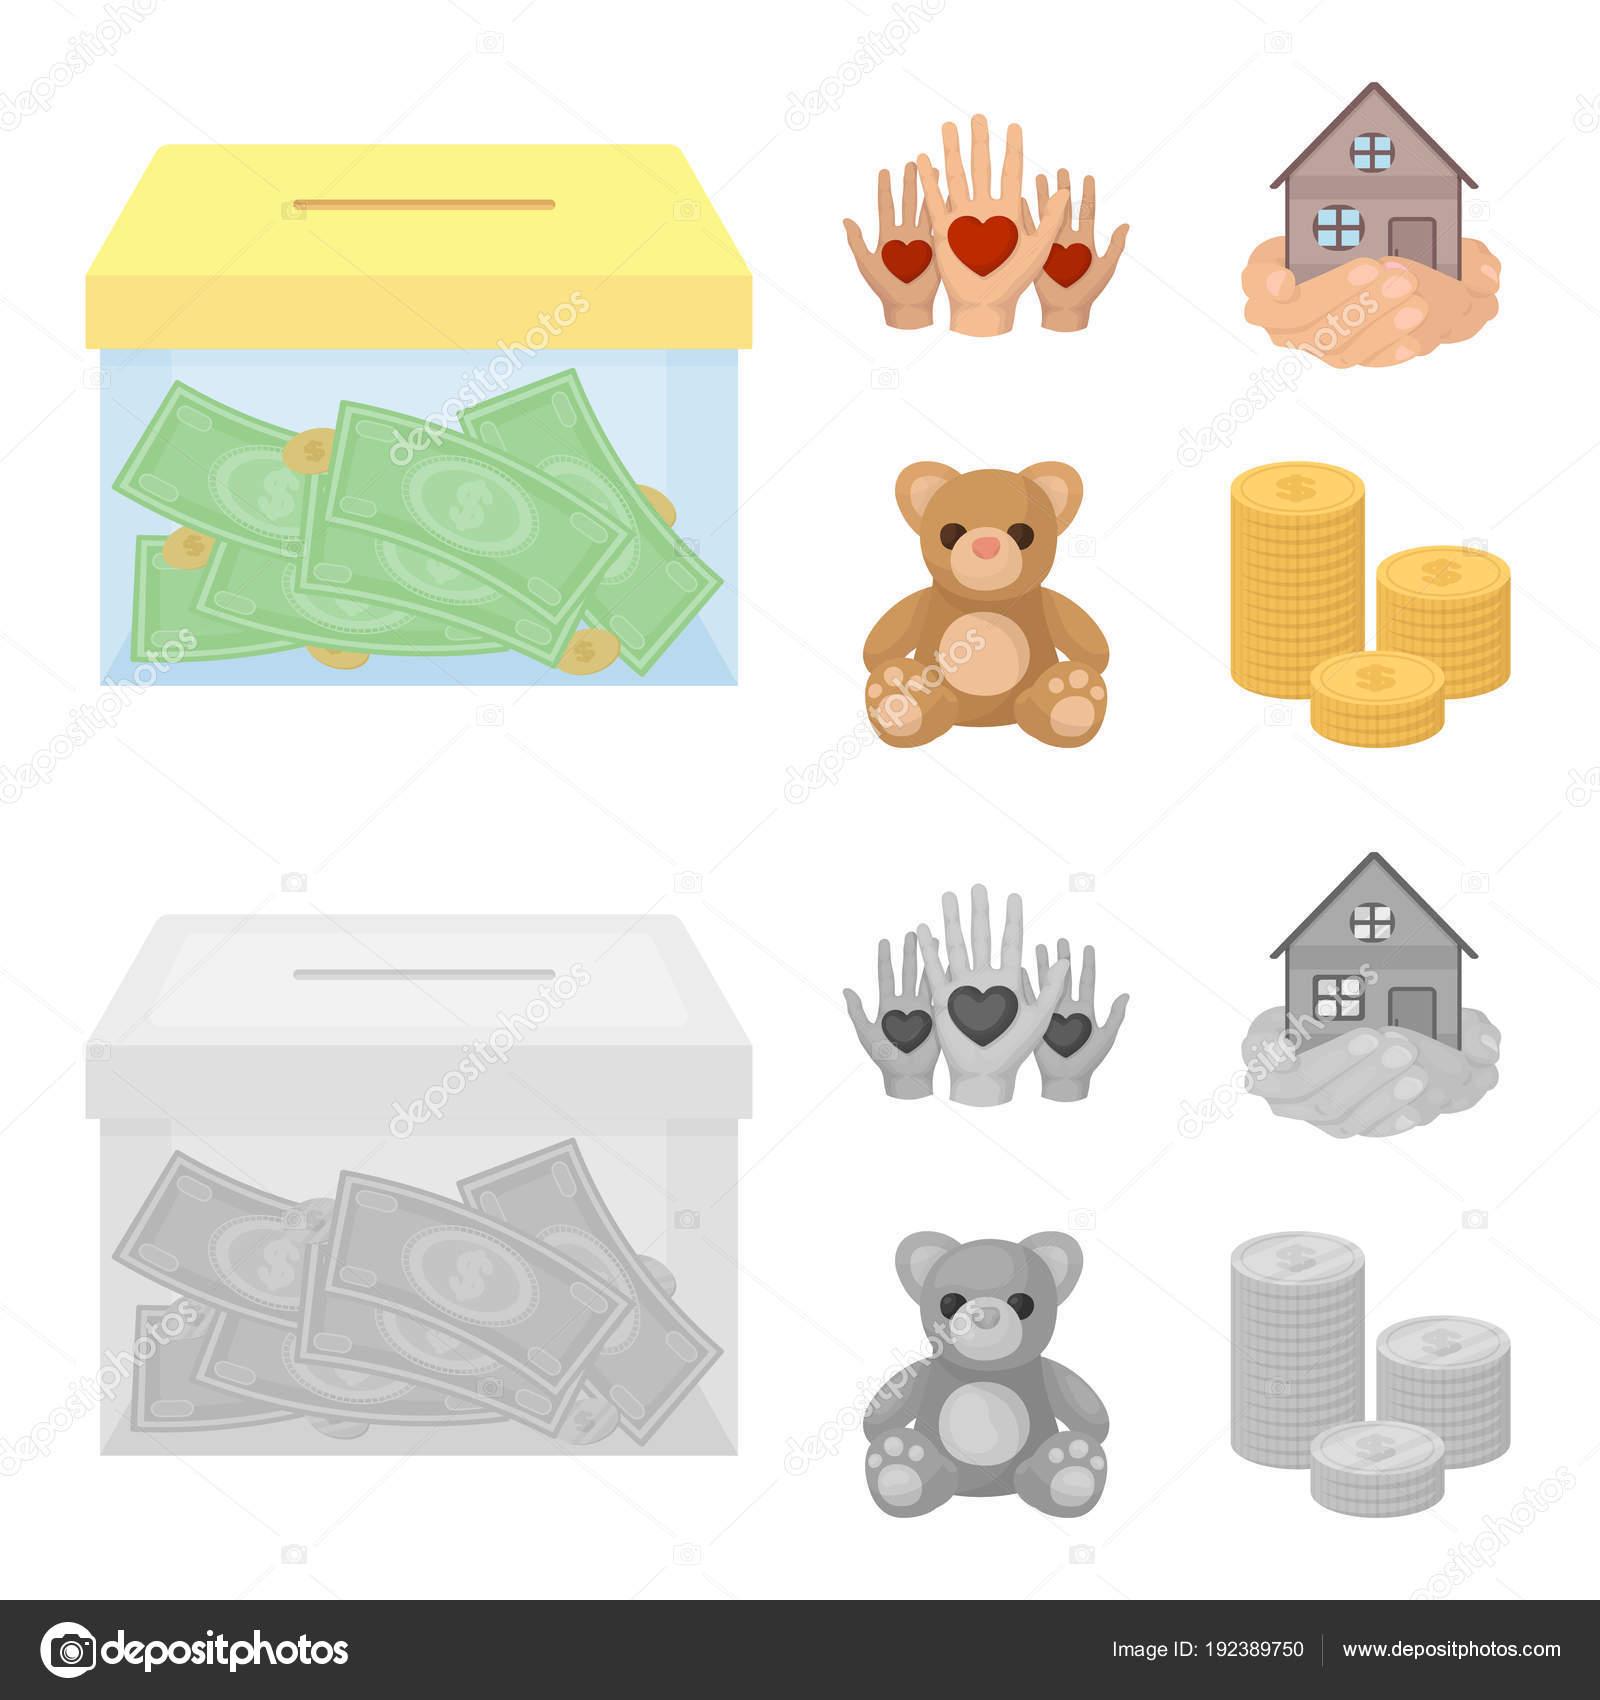 Boxe de verre grâce à des dons les mains avec des coeurs maison en mains ours en peluche pour la charité charité et don figurant icônes collection